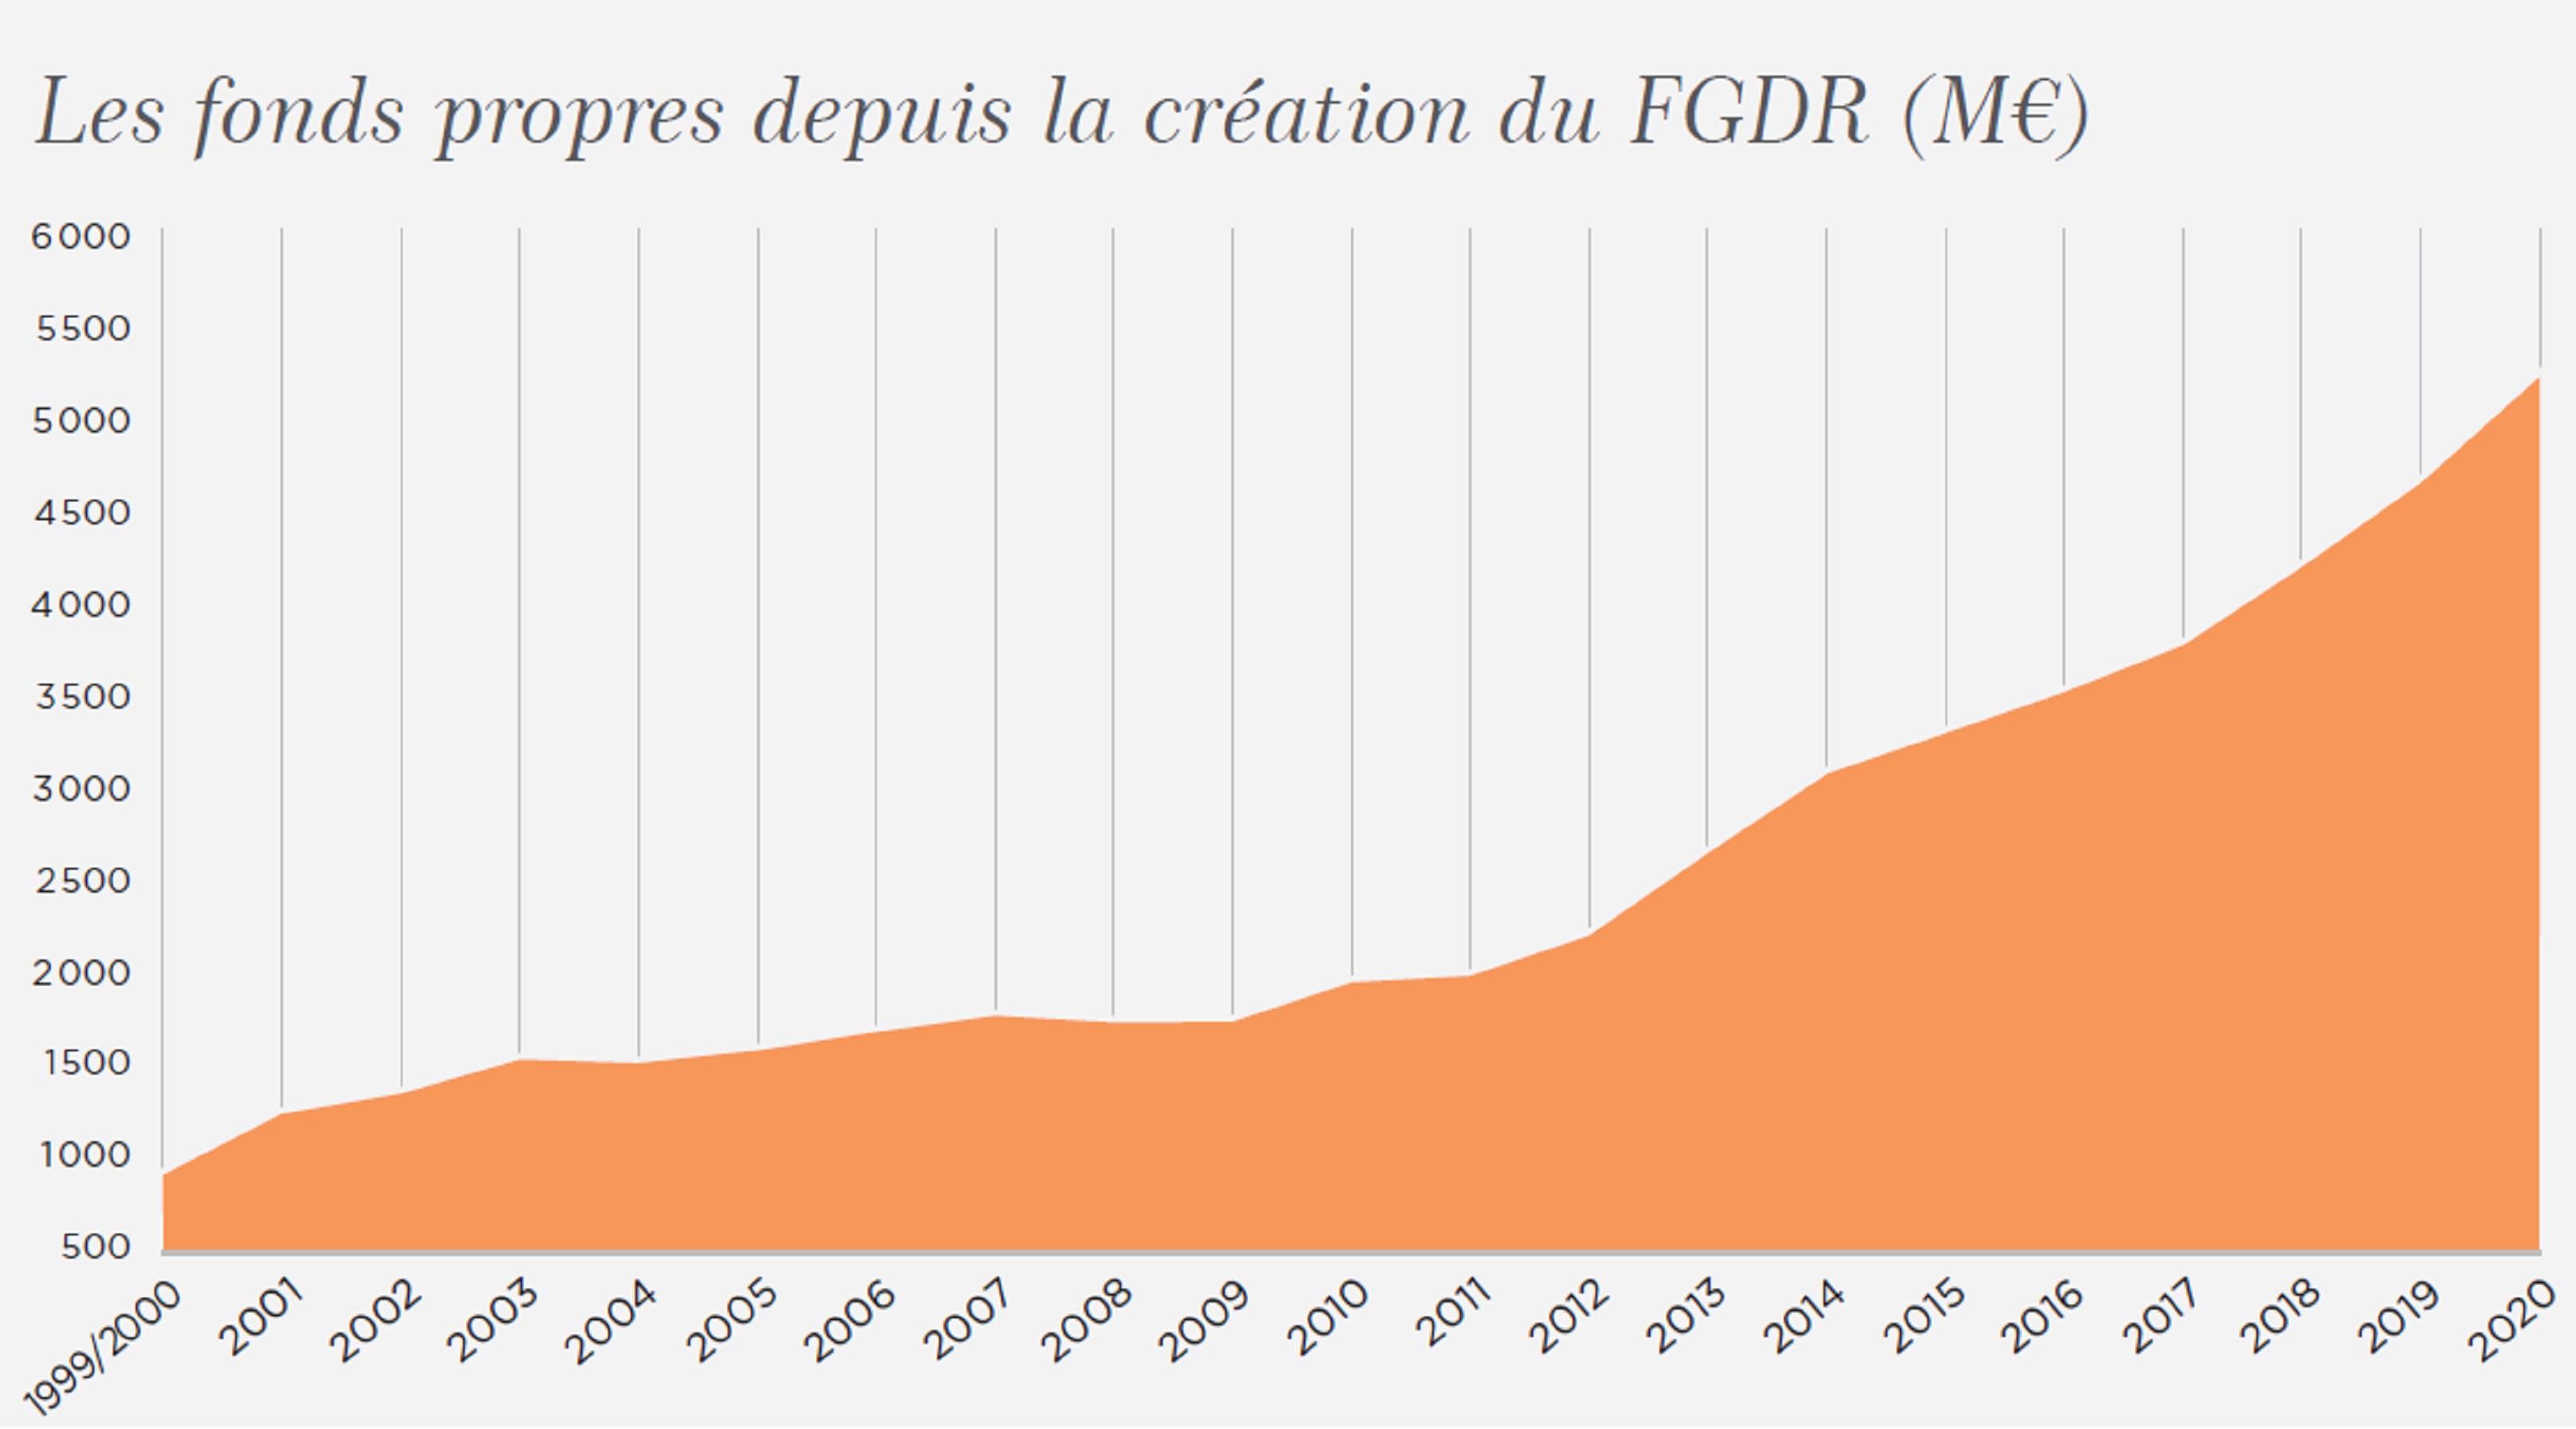 rapport annuel graphique 2020 FGDR